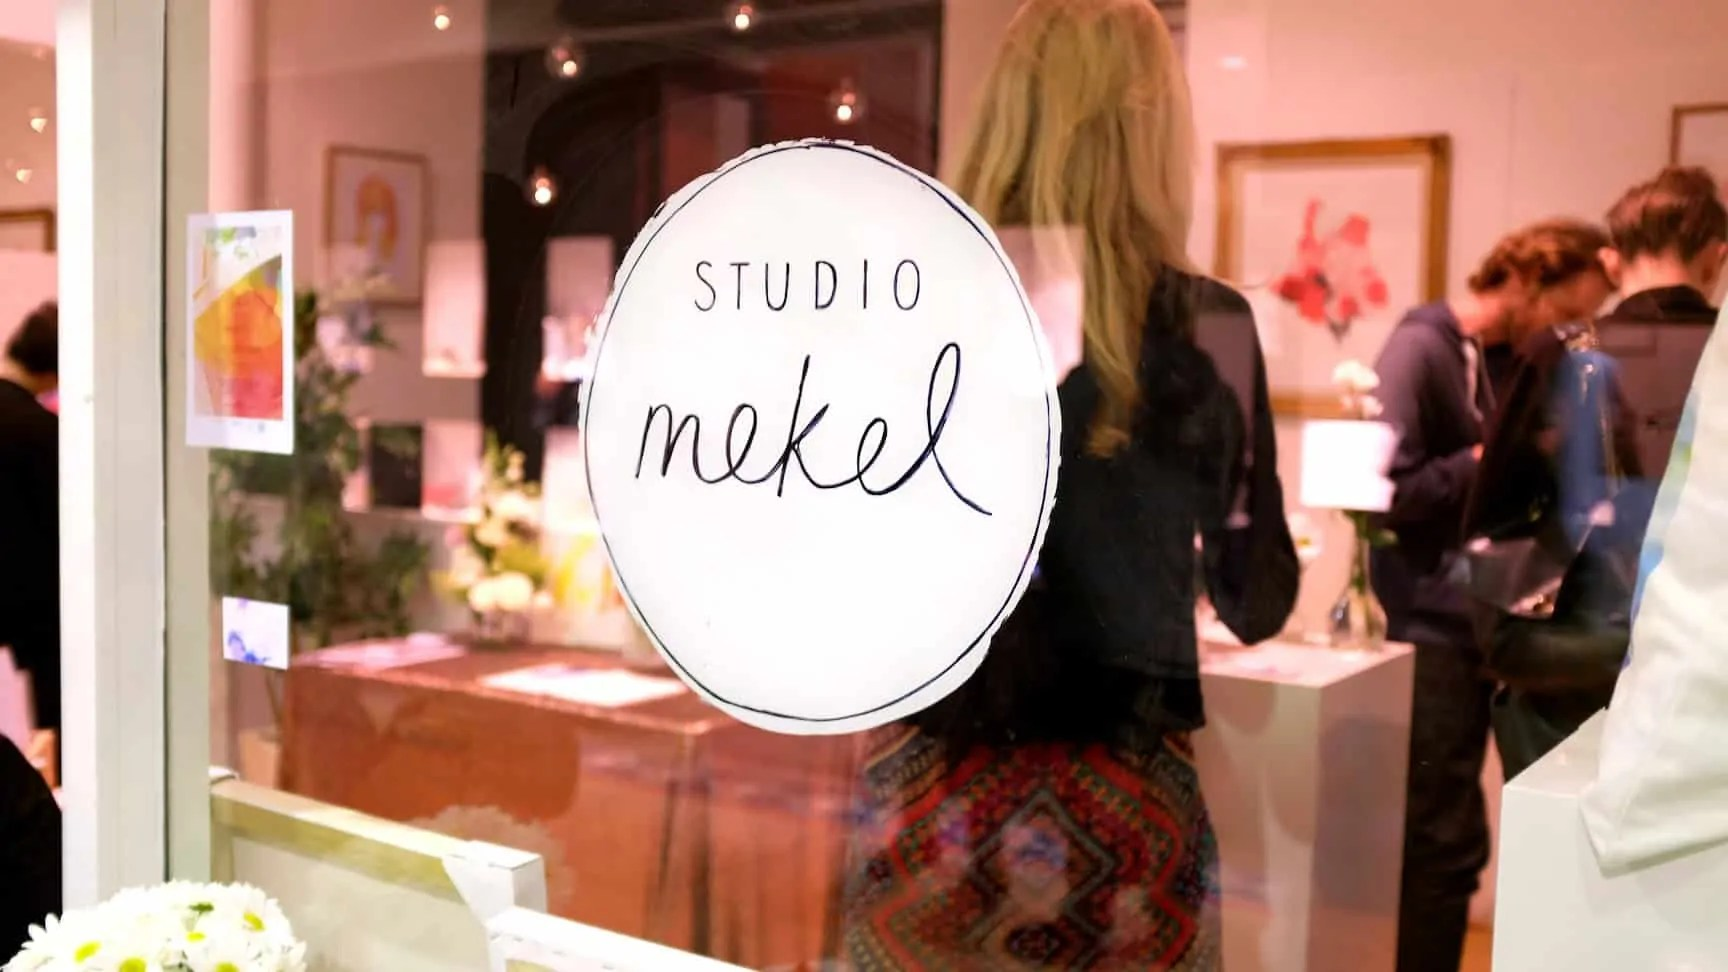 mekel_studio__opening_01 5